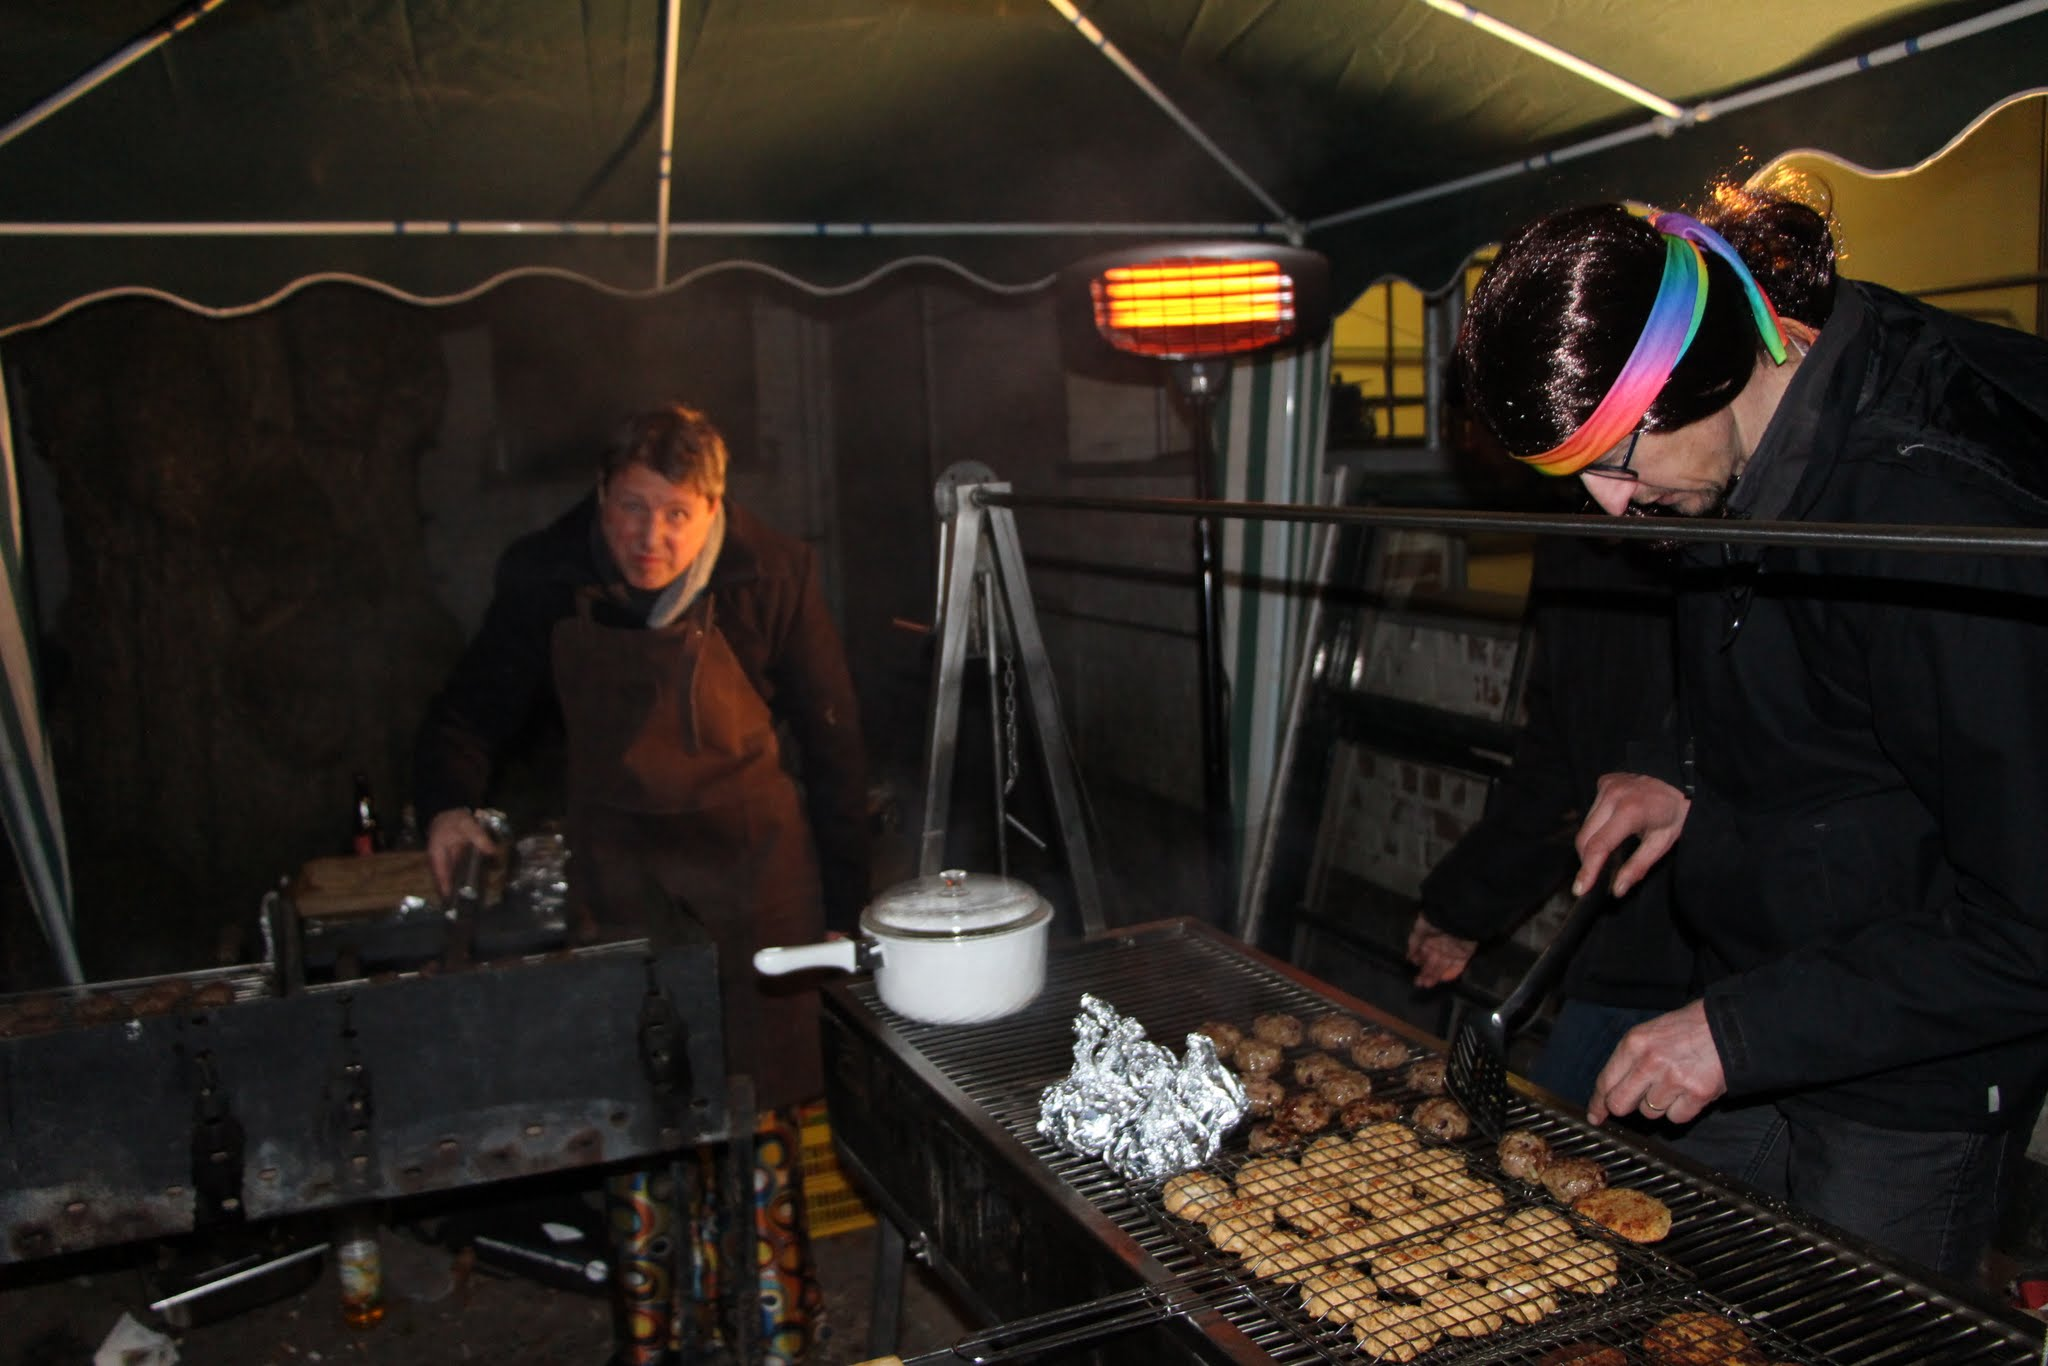 koorfeest-van-de-alten-24-02-2018-20-15-31